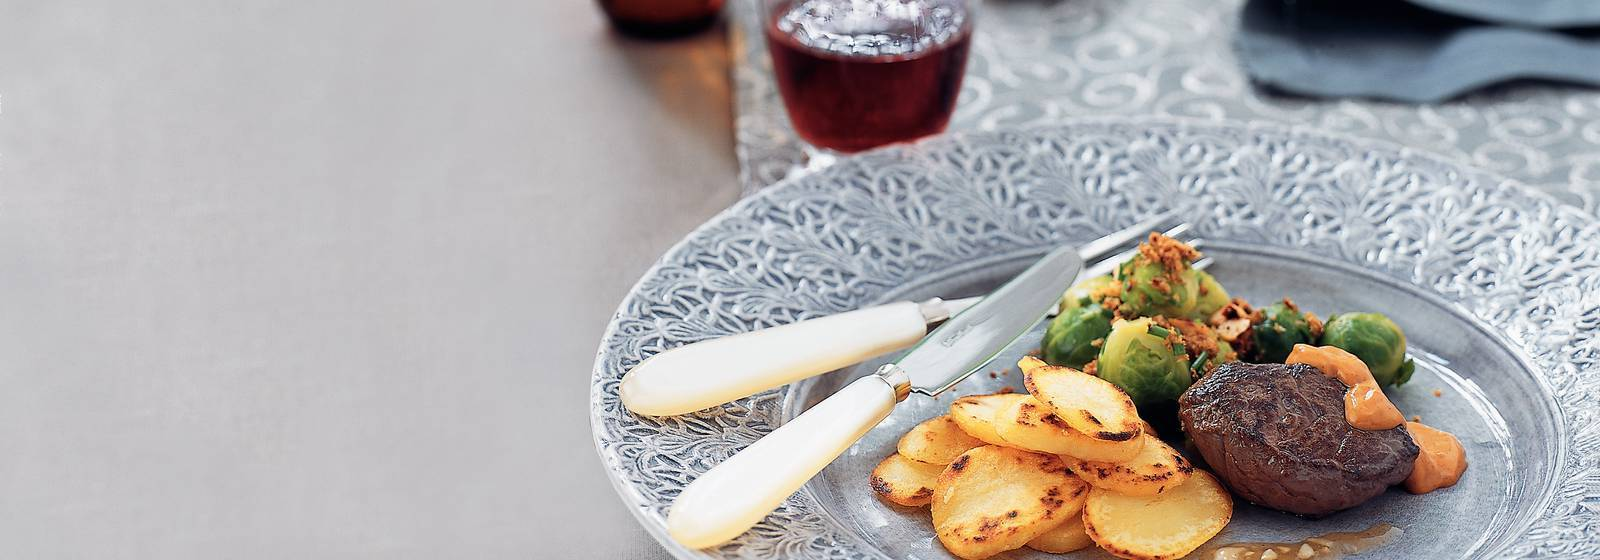 Brüksel lahanası tam tahıl somun ile